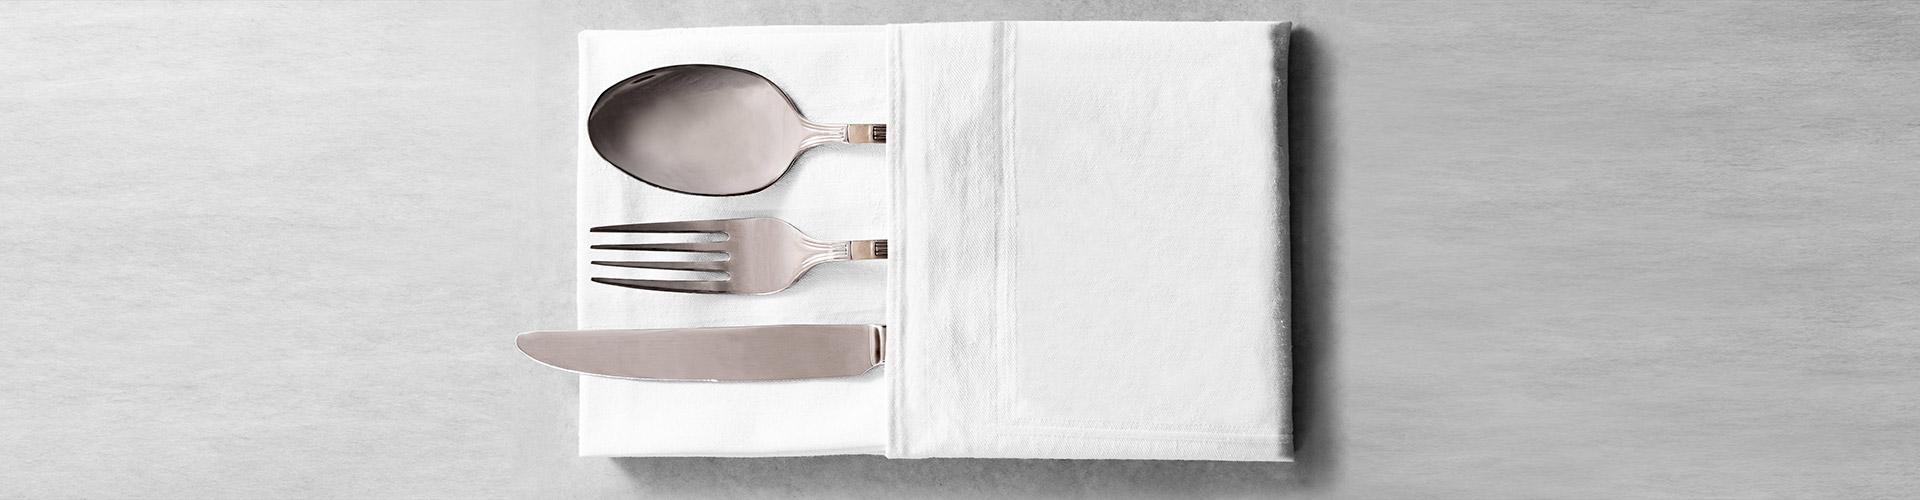 testata biancheria da tavola e tessile